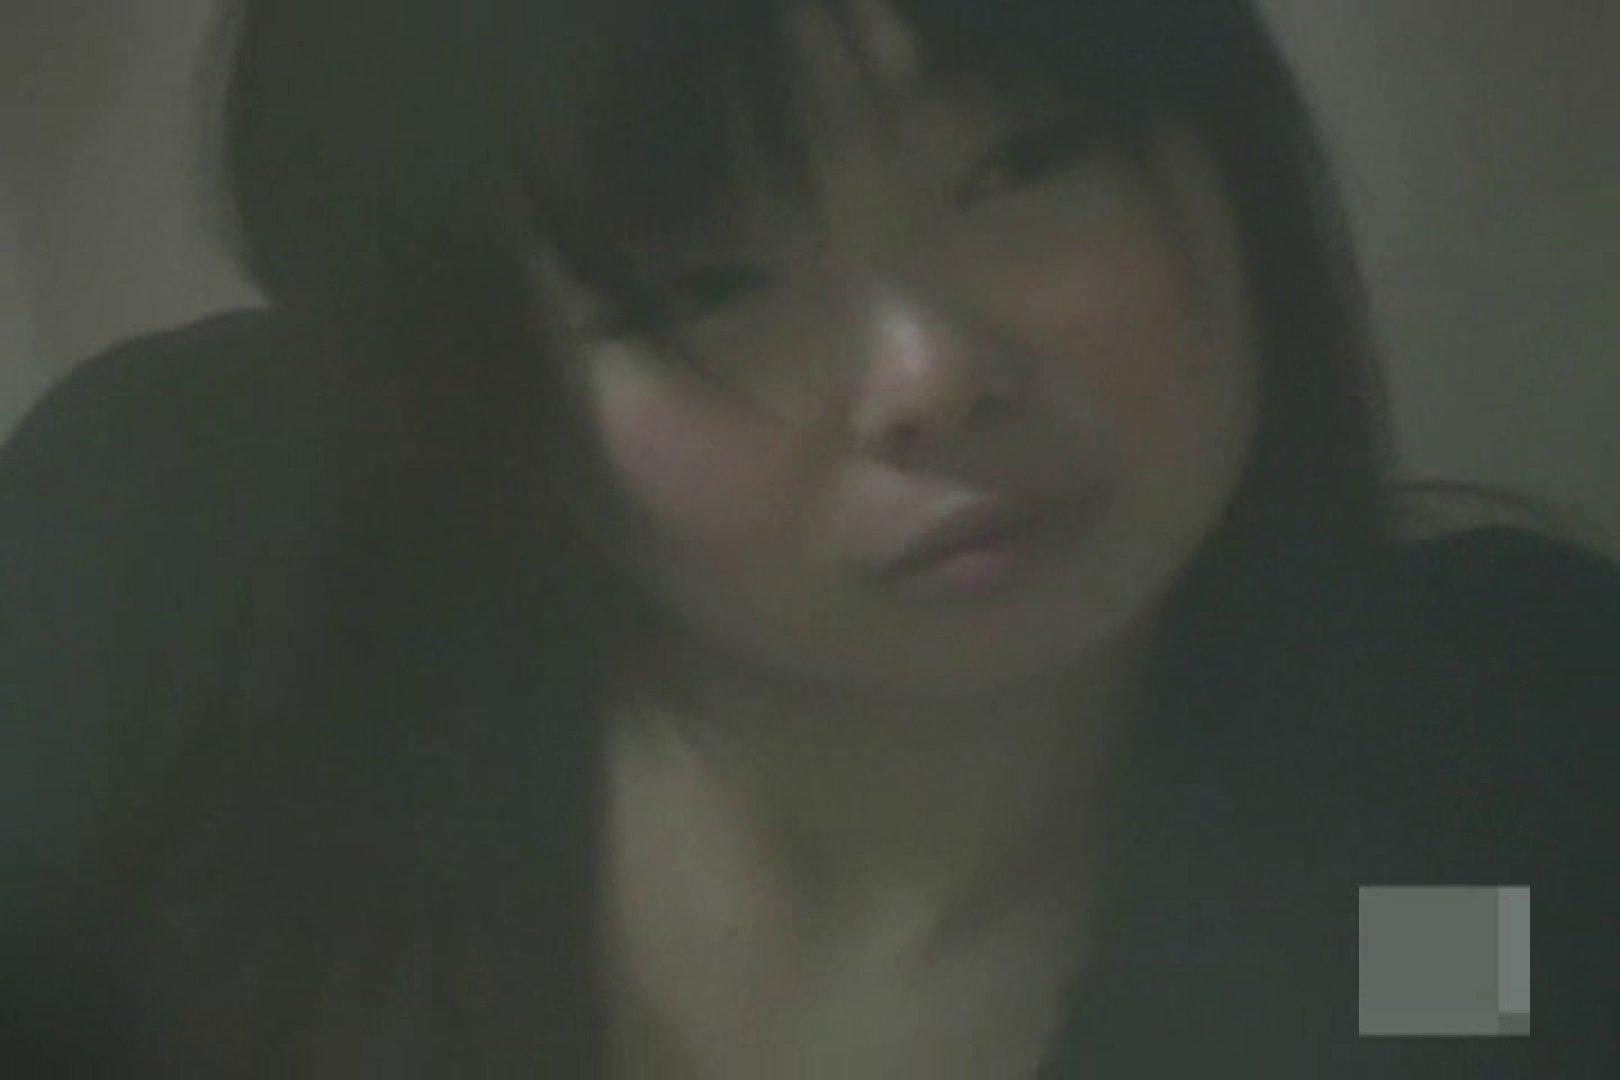 あの日あの時あのオナニーVol.5 オナニーする女性たち 盗撮おめこ無修正動画無料 84画像 27